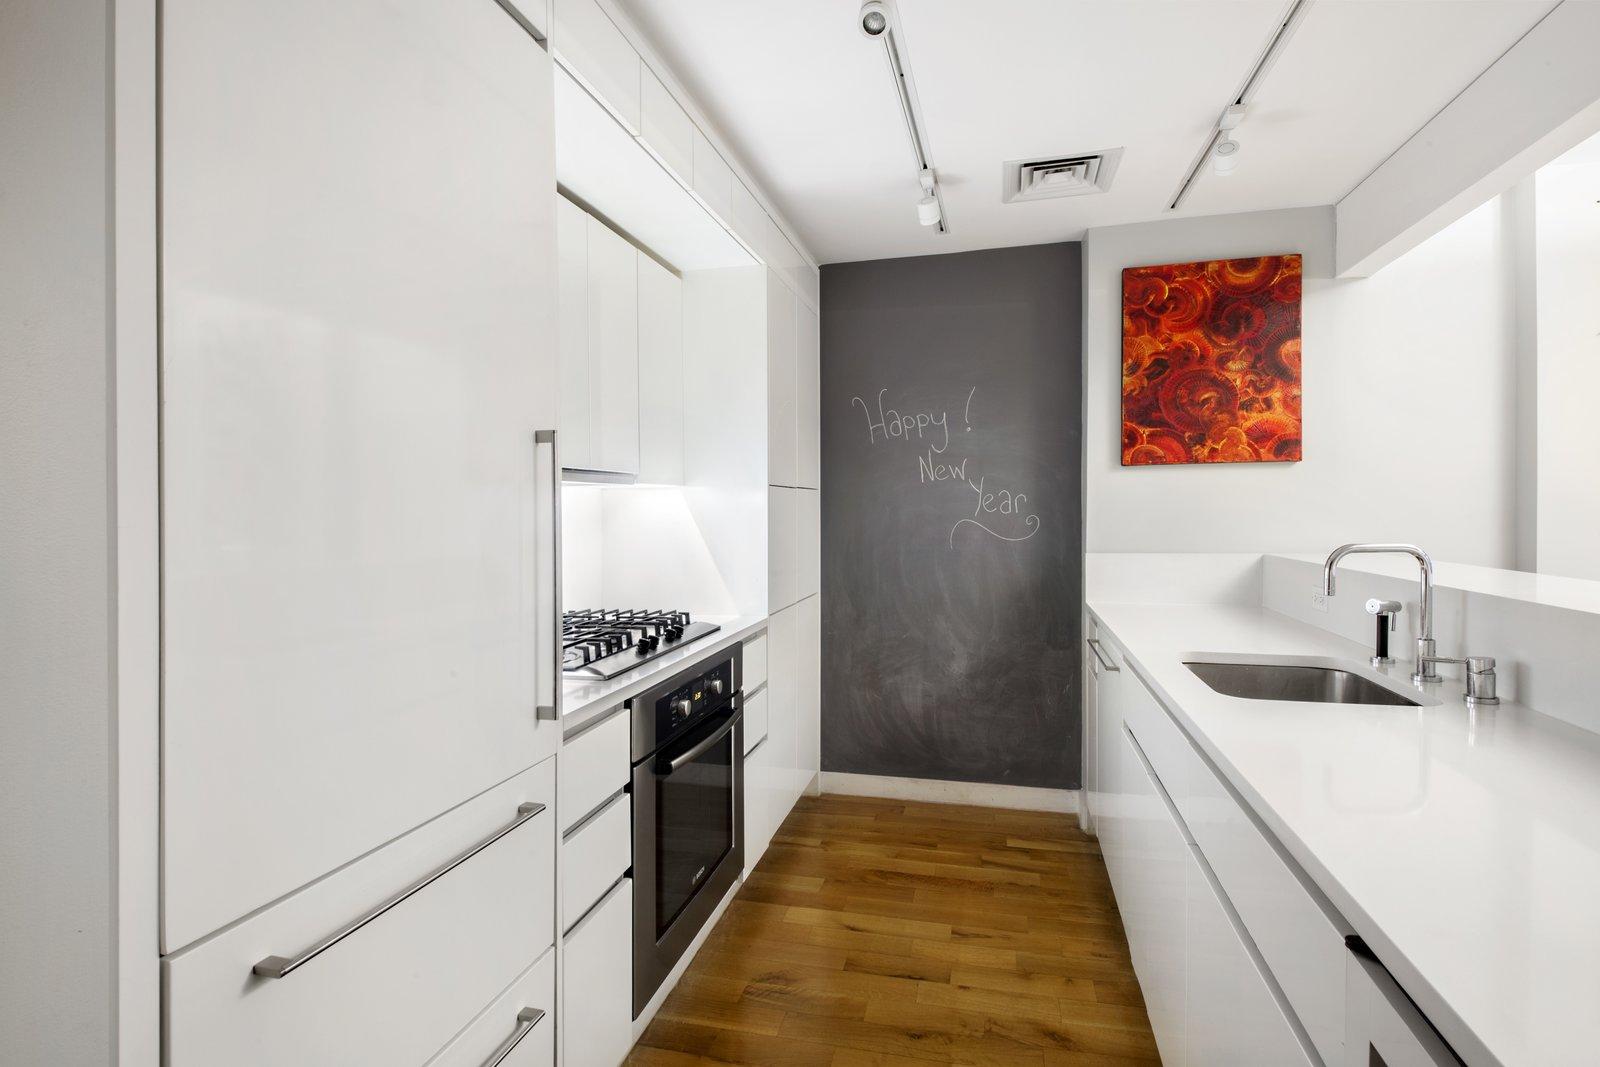 Kitchen - Chalkboard Included  50 Franklin Street